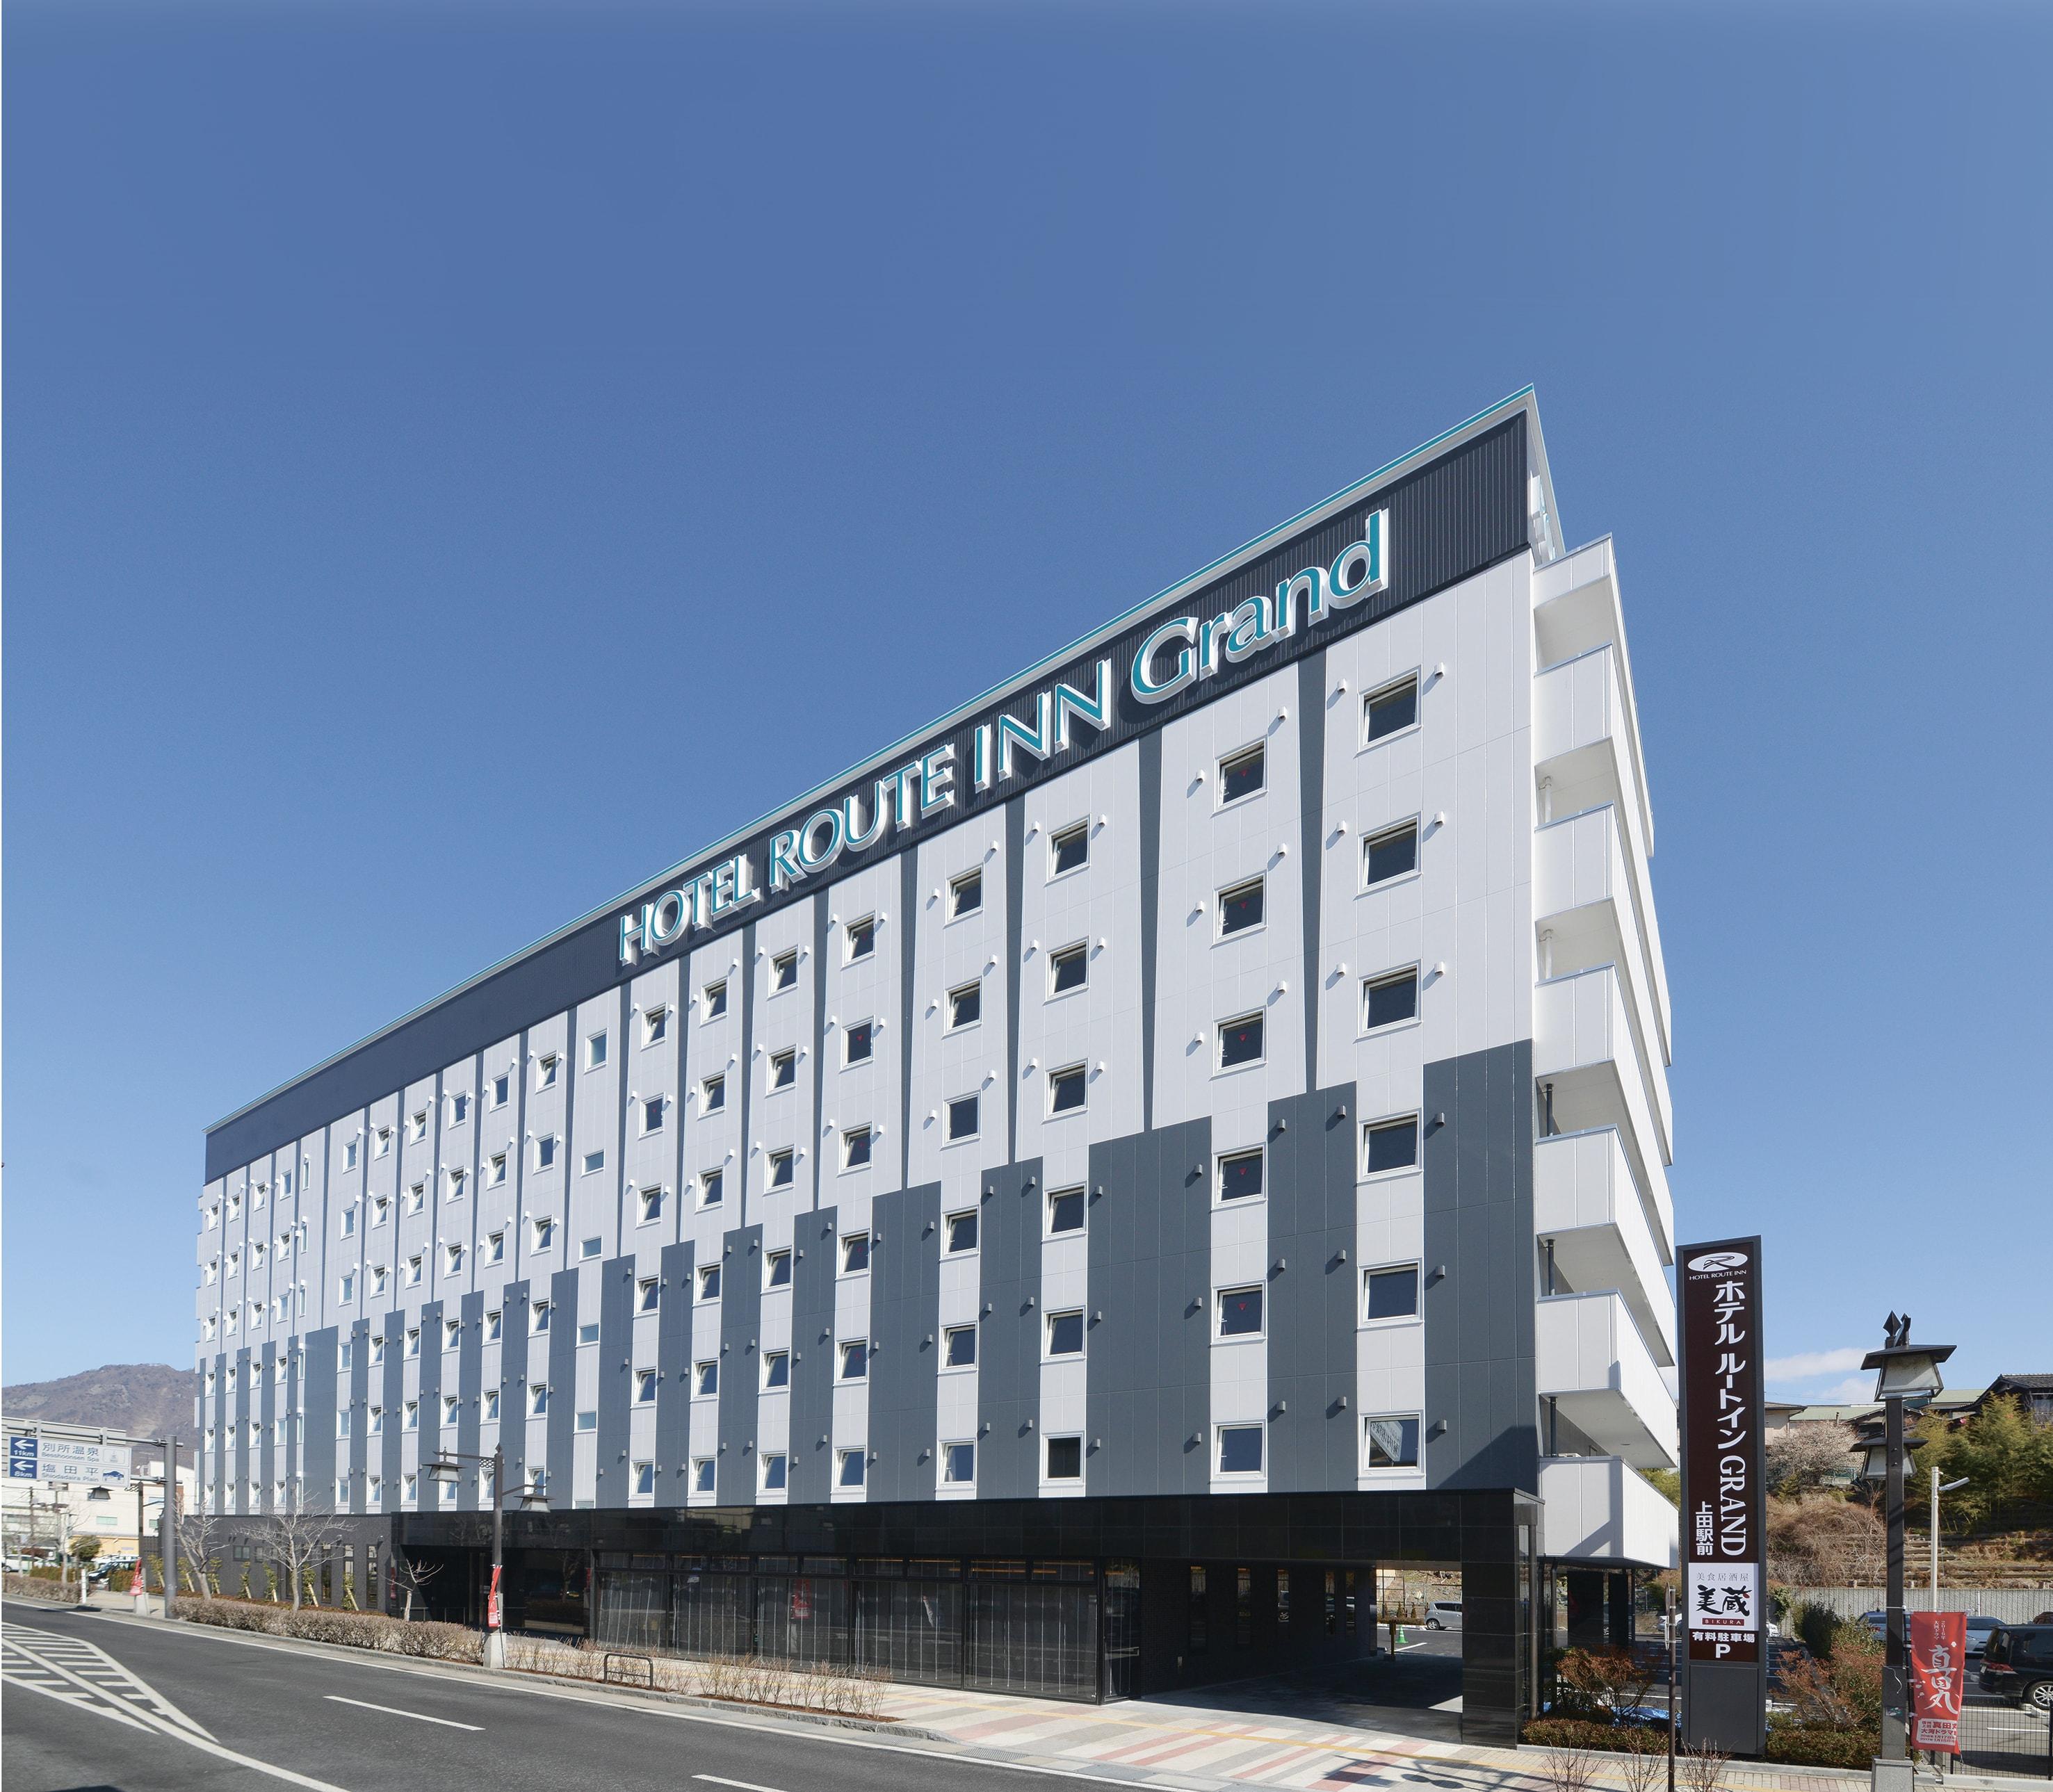 ホテルルートインGrand上田駅前の外観